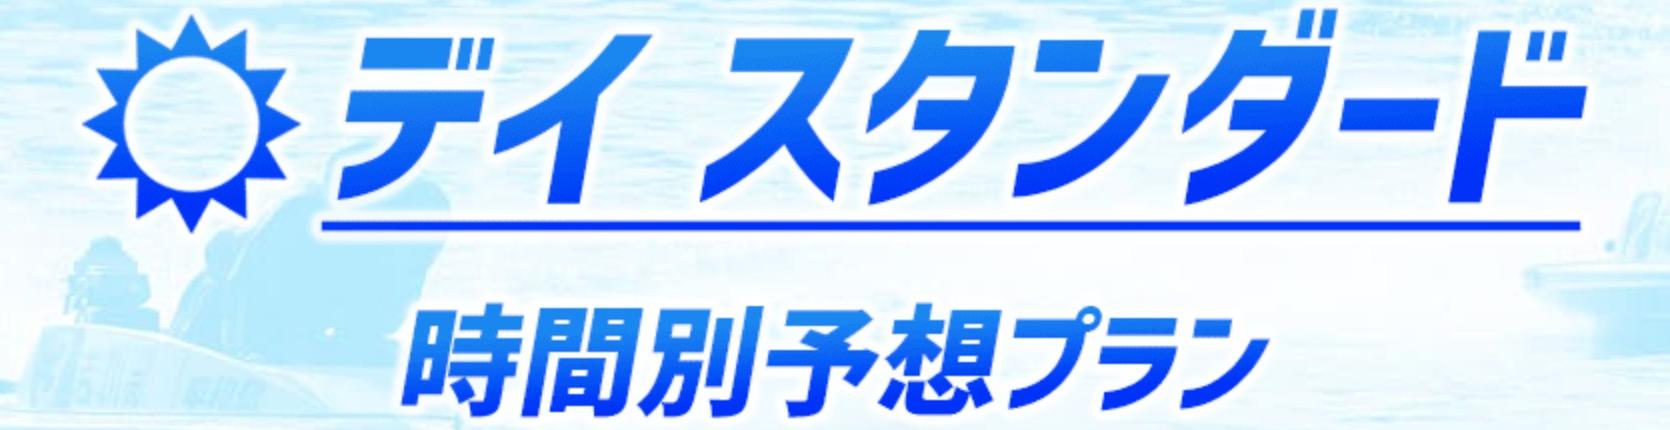 競艇予想NOVA(ノヴァ)12